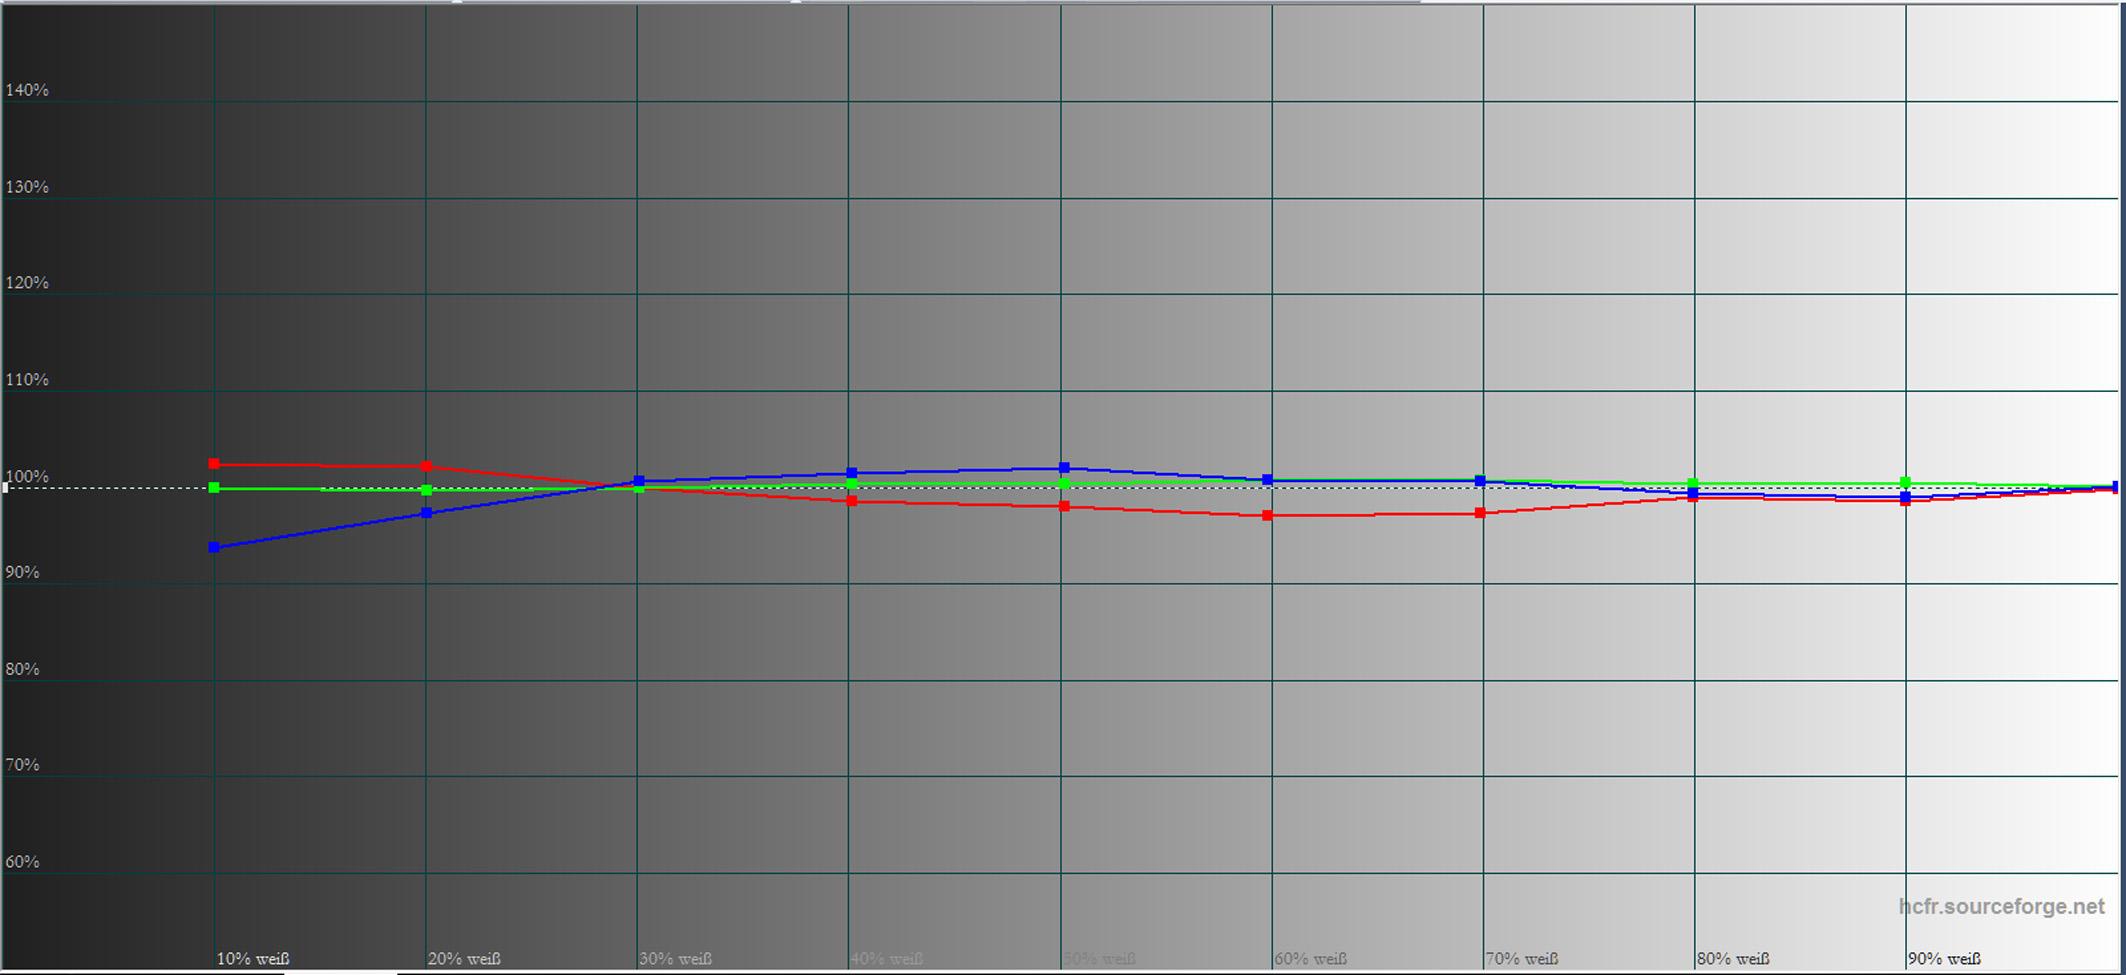 Sony VPL-VW550 - Messung - Graustufenverlauf Bildmodus Referenz - kalibriert